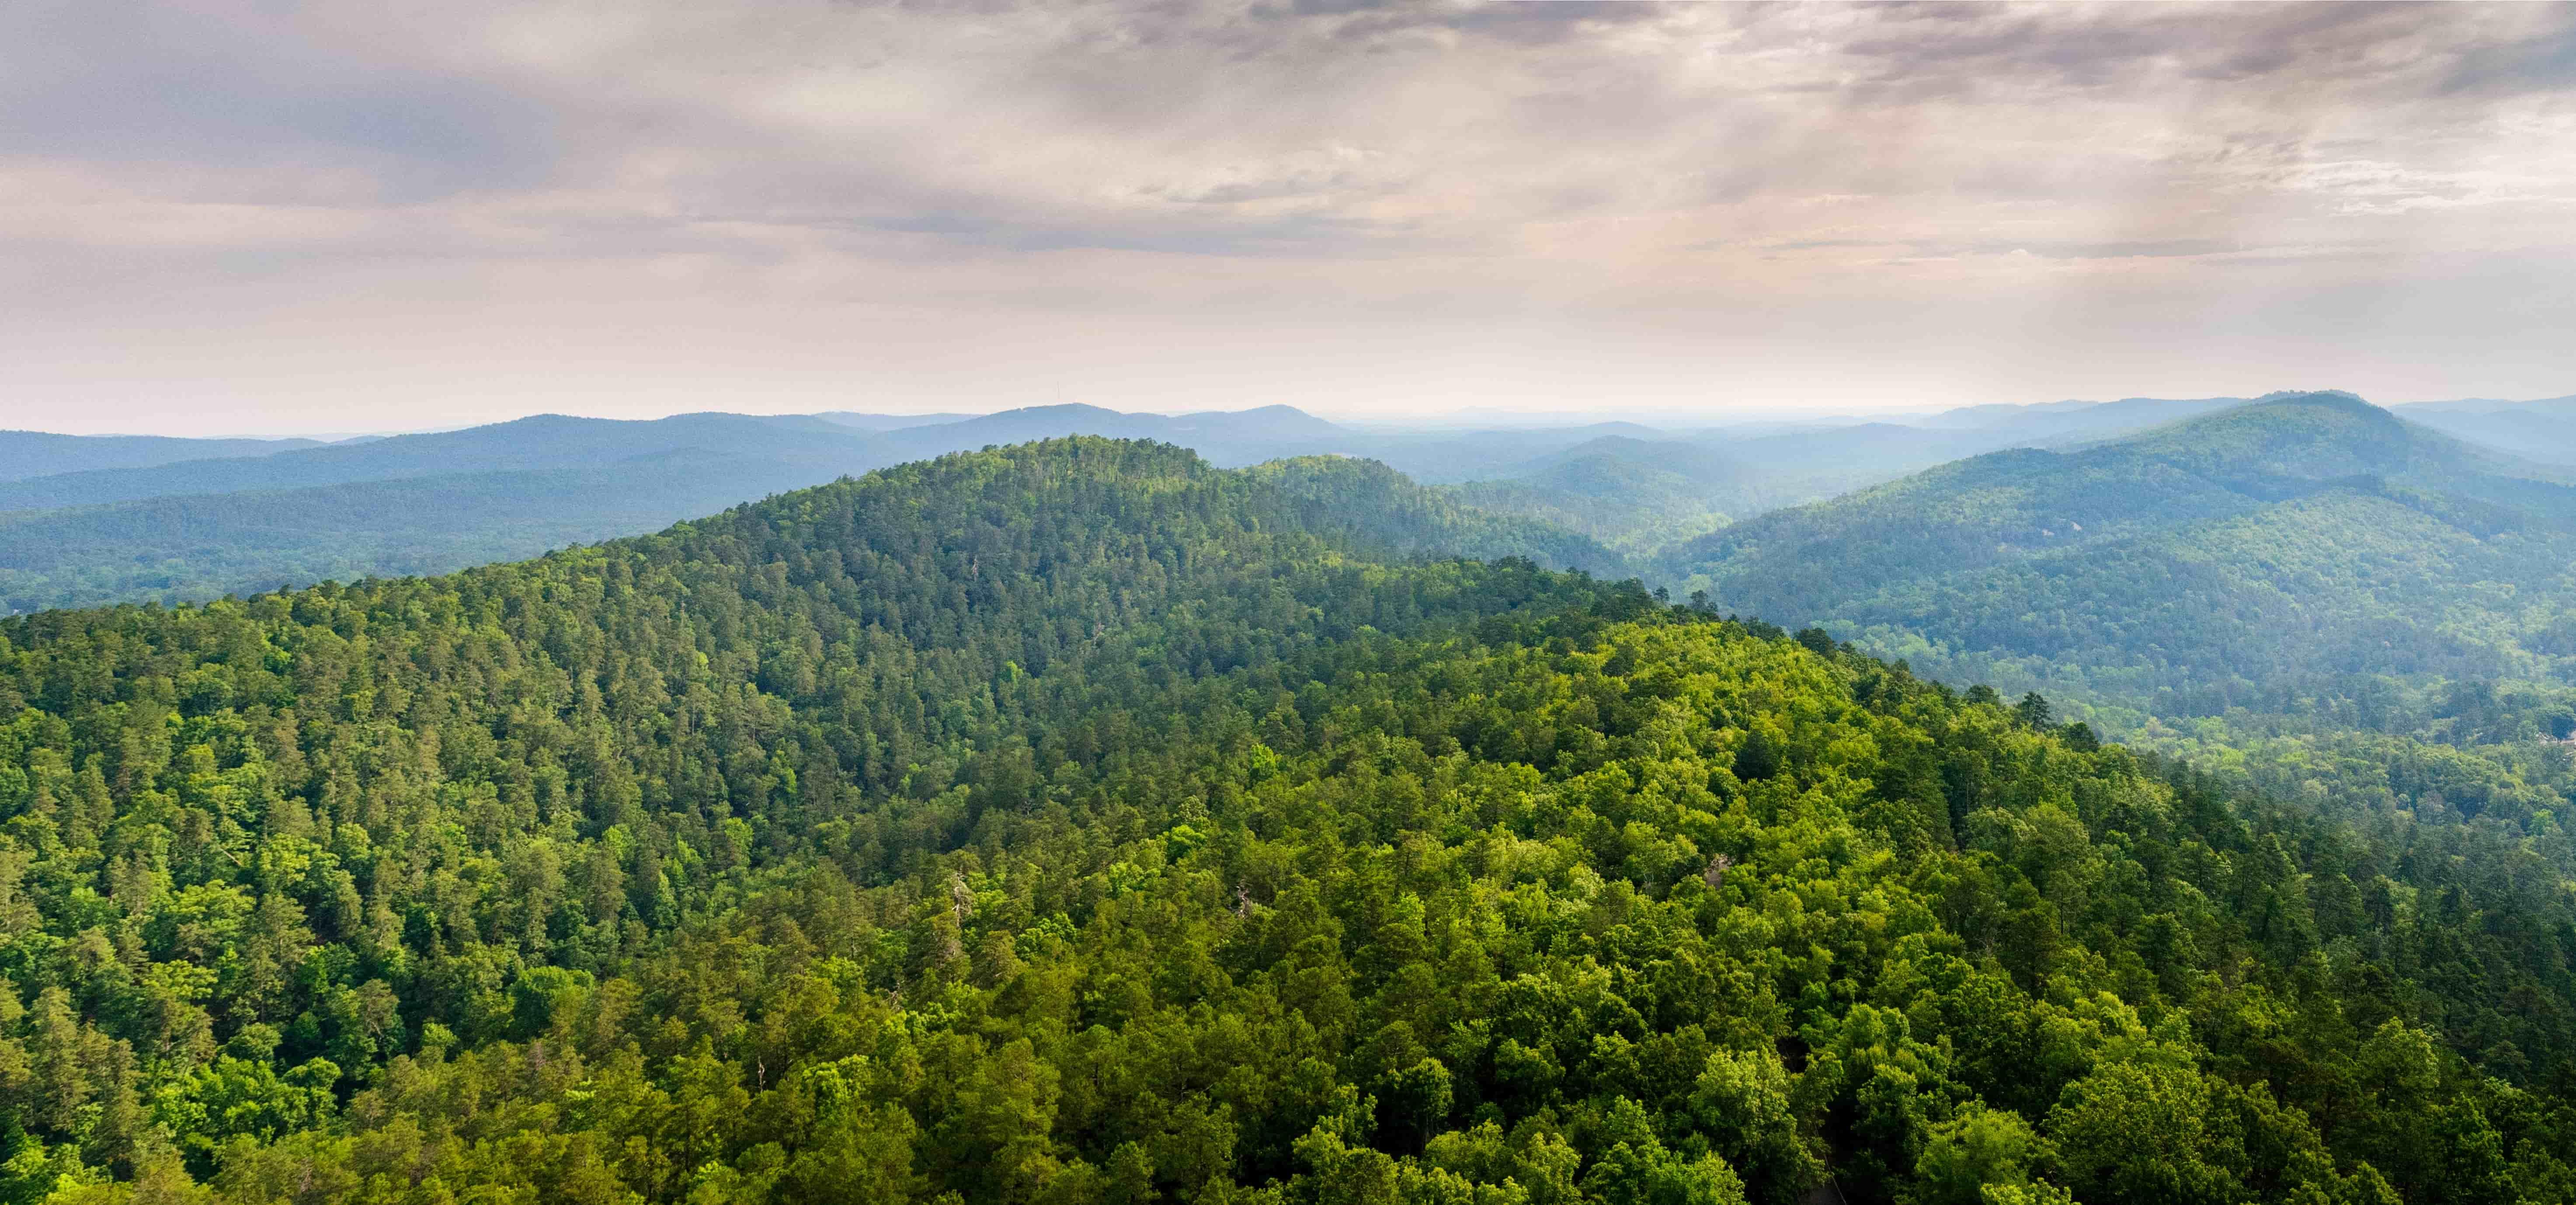 arkansas-forest